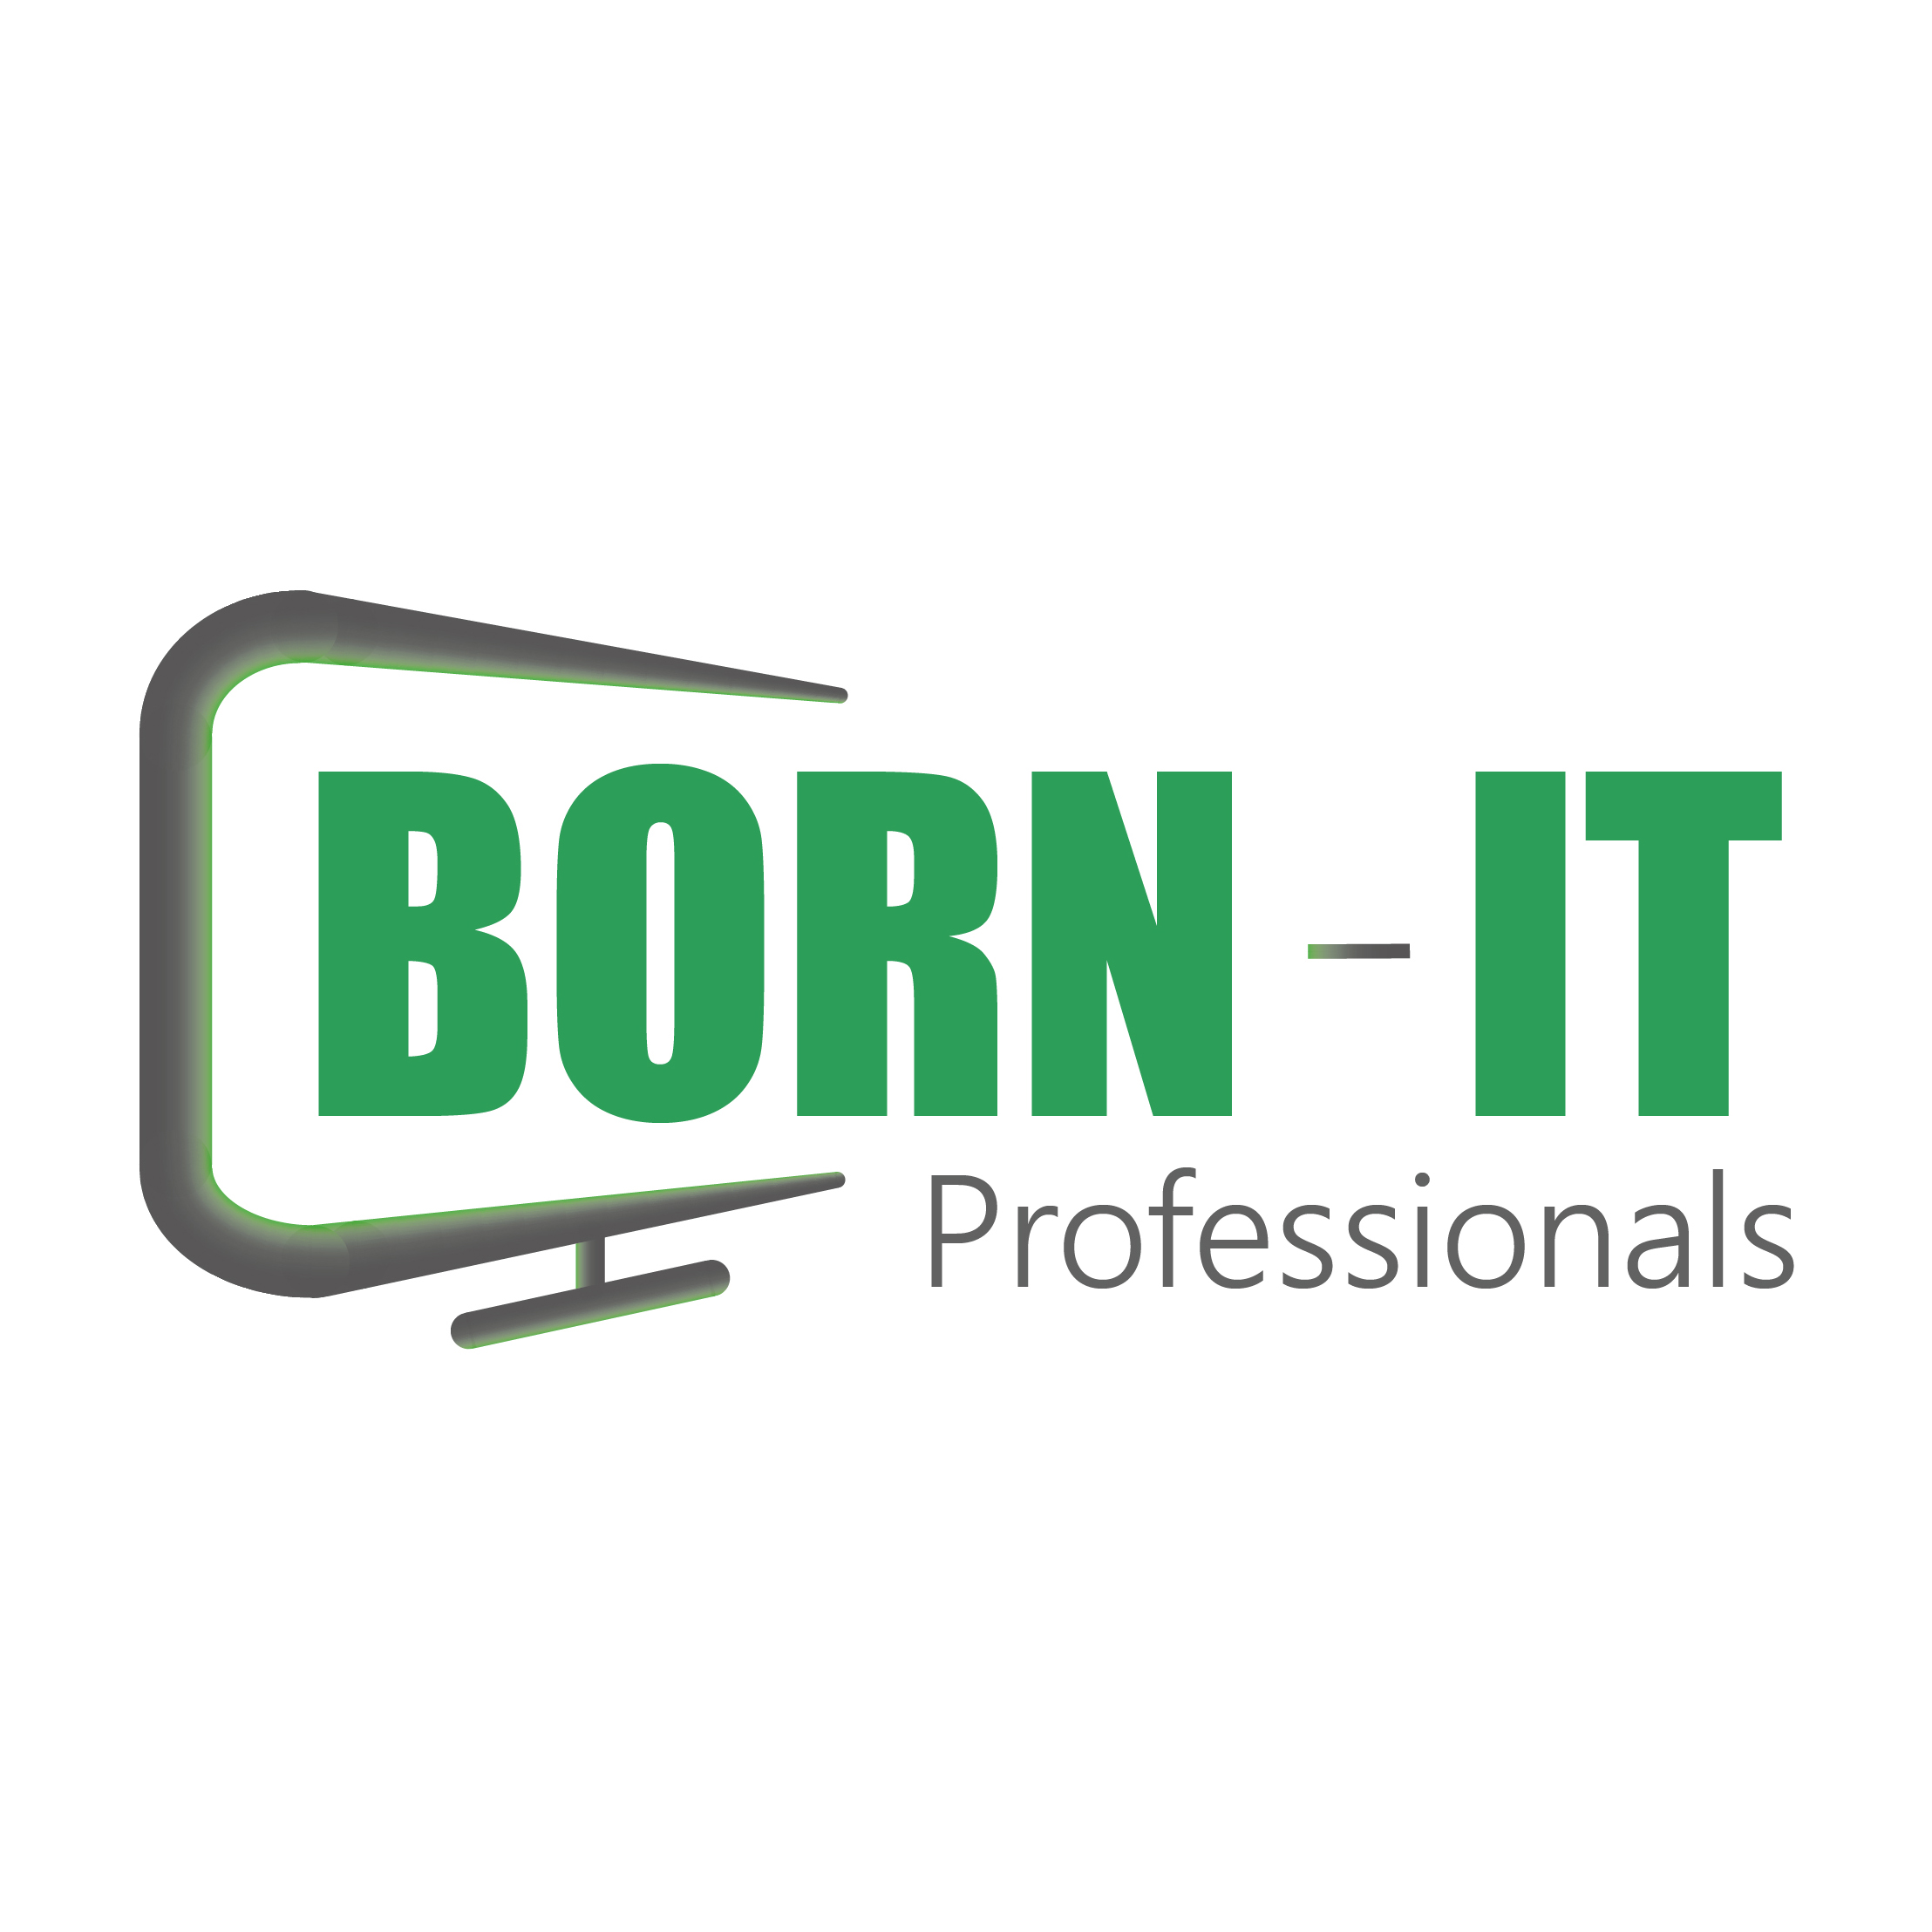 BORN-IT Professionals